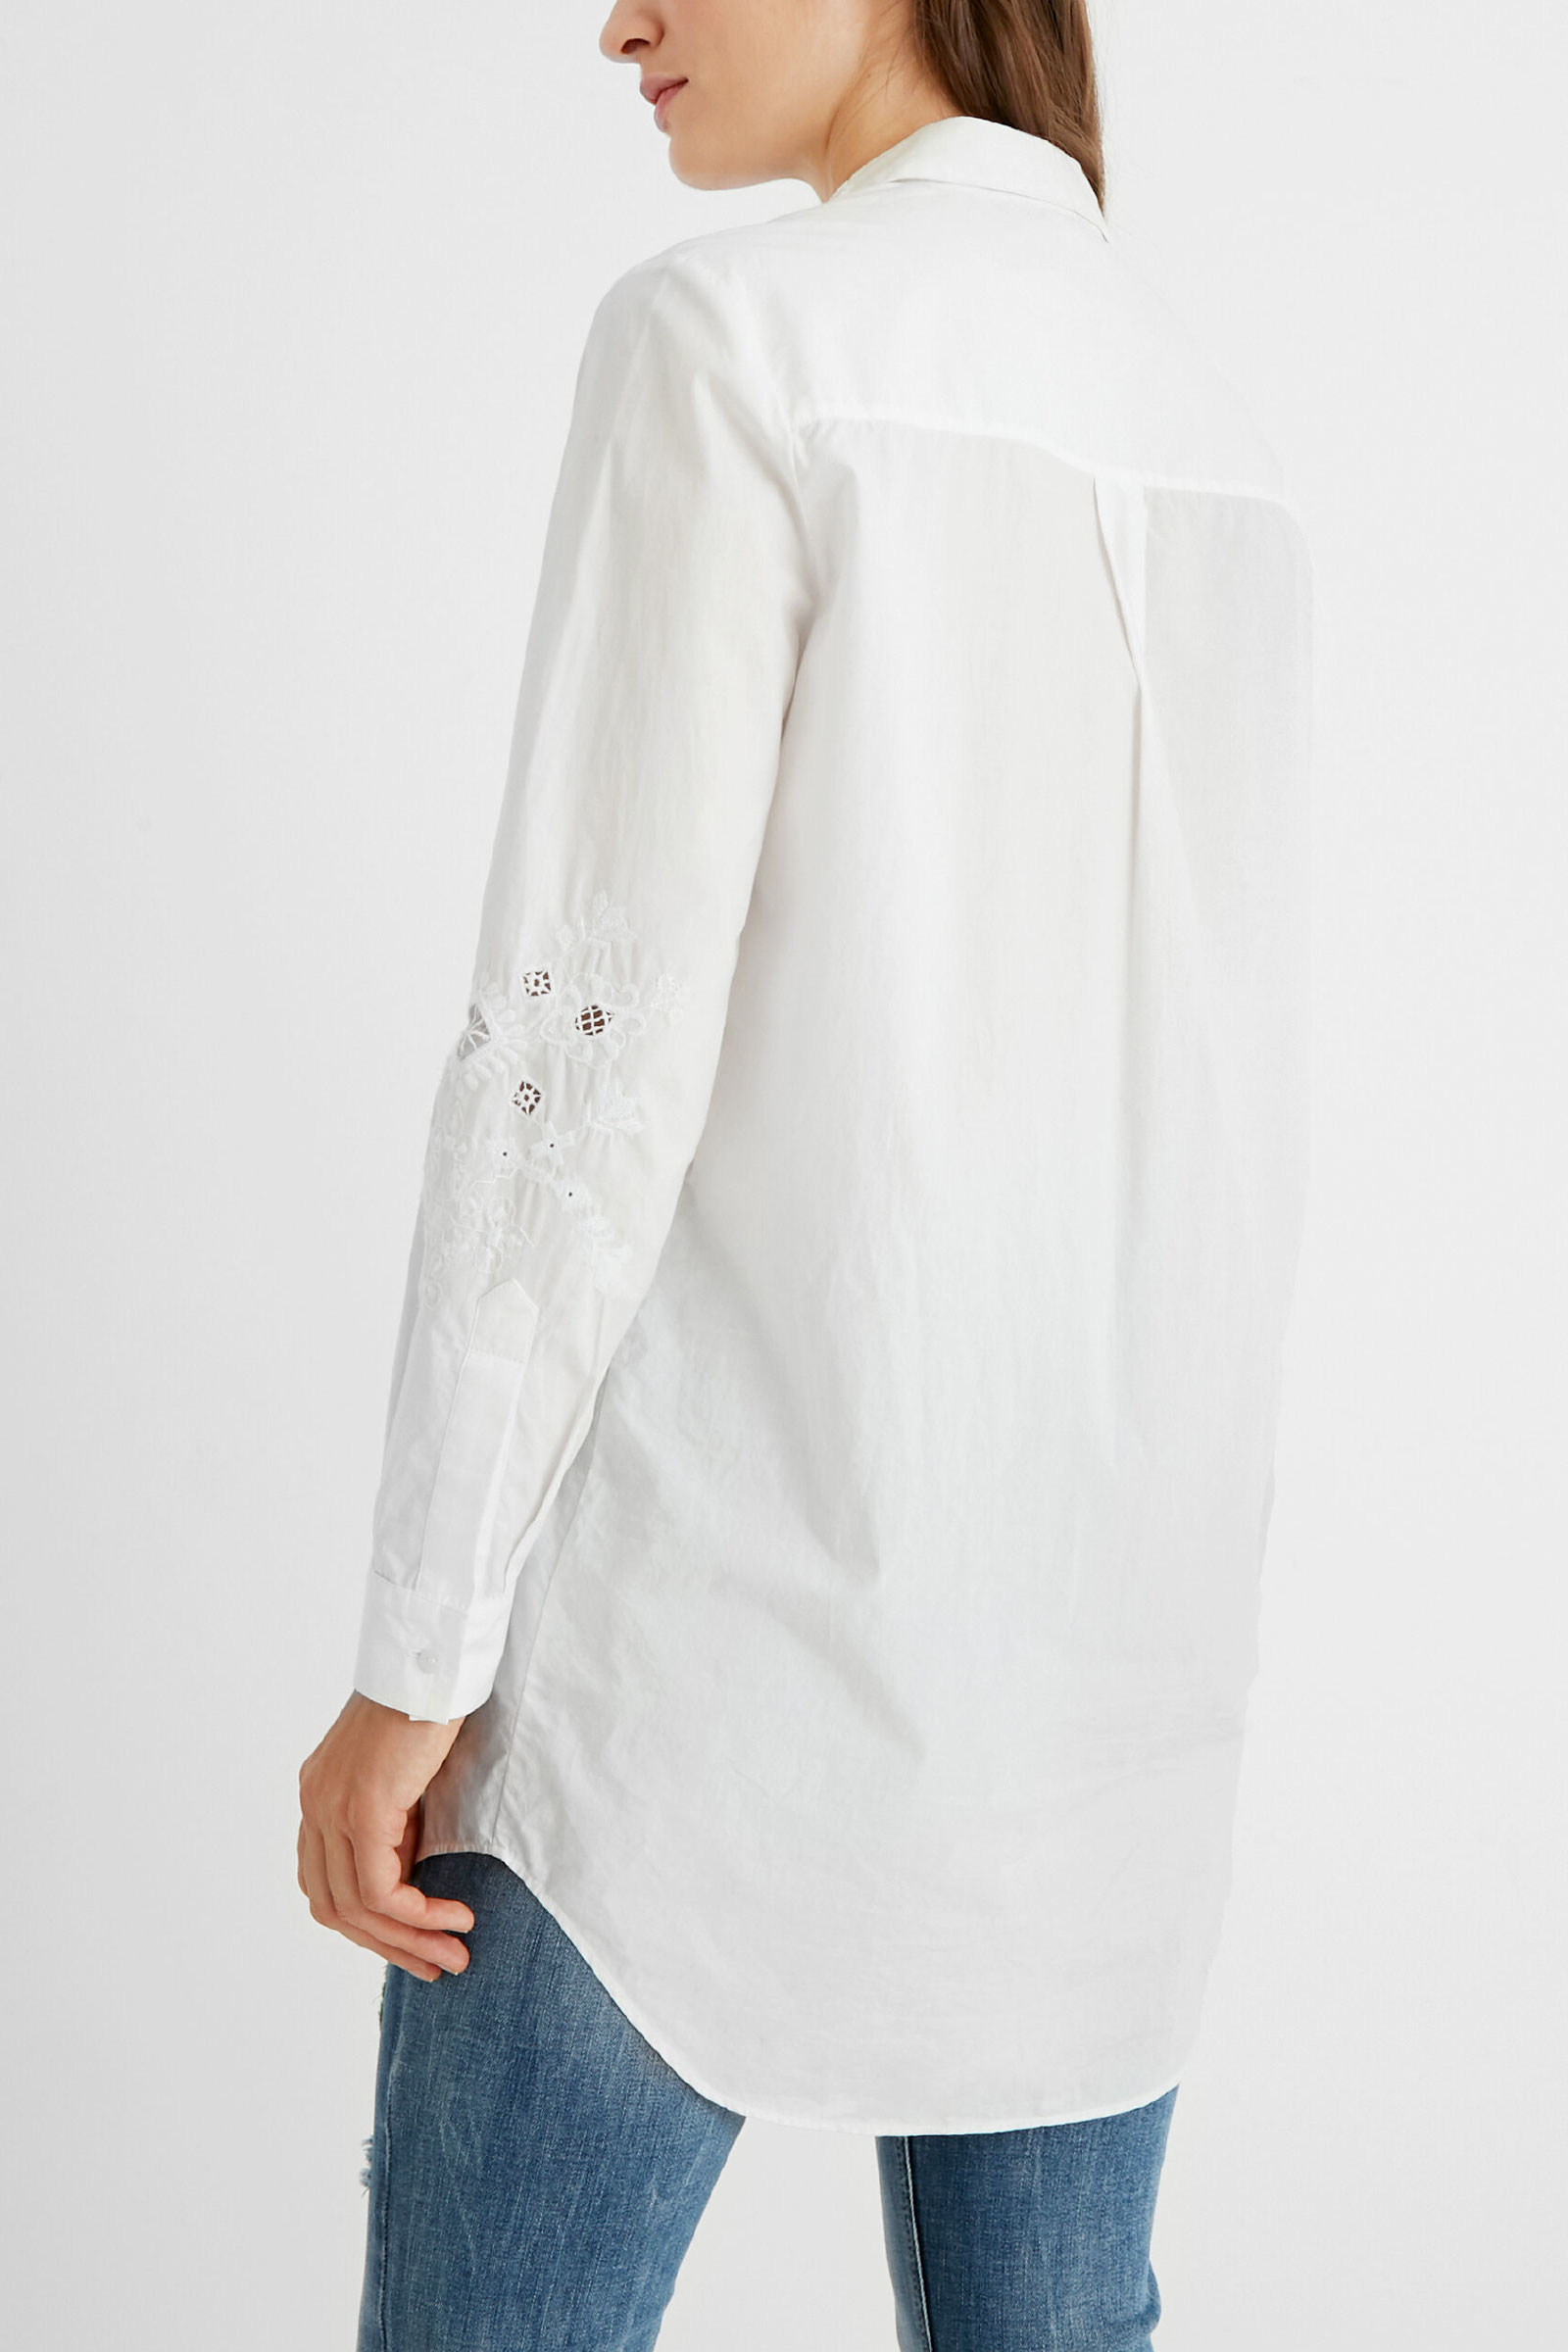 DESIGUAL Camicia Donna Modello GARONA DESIGUAL | Camicia | 20WWCW501000